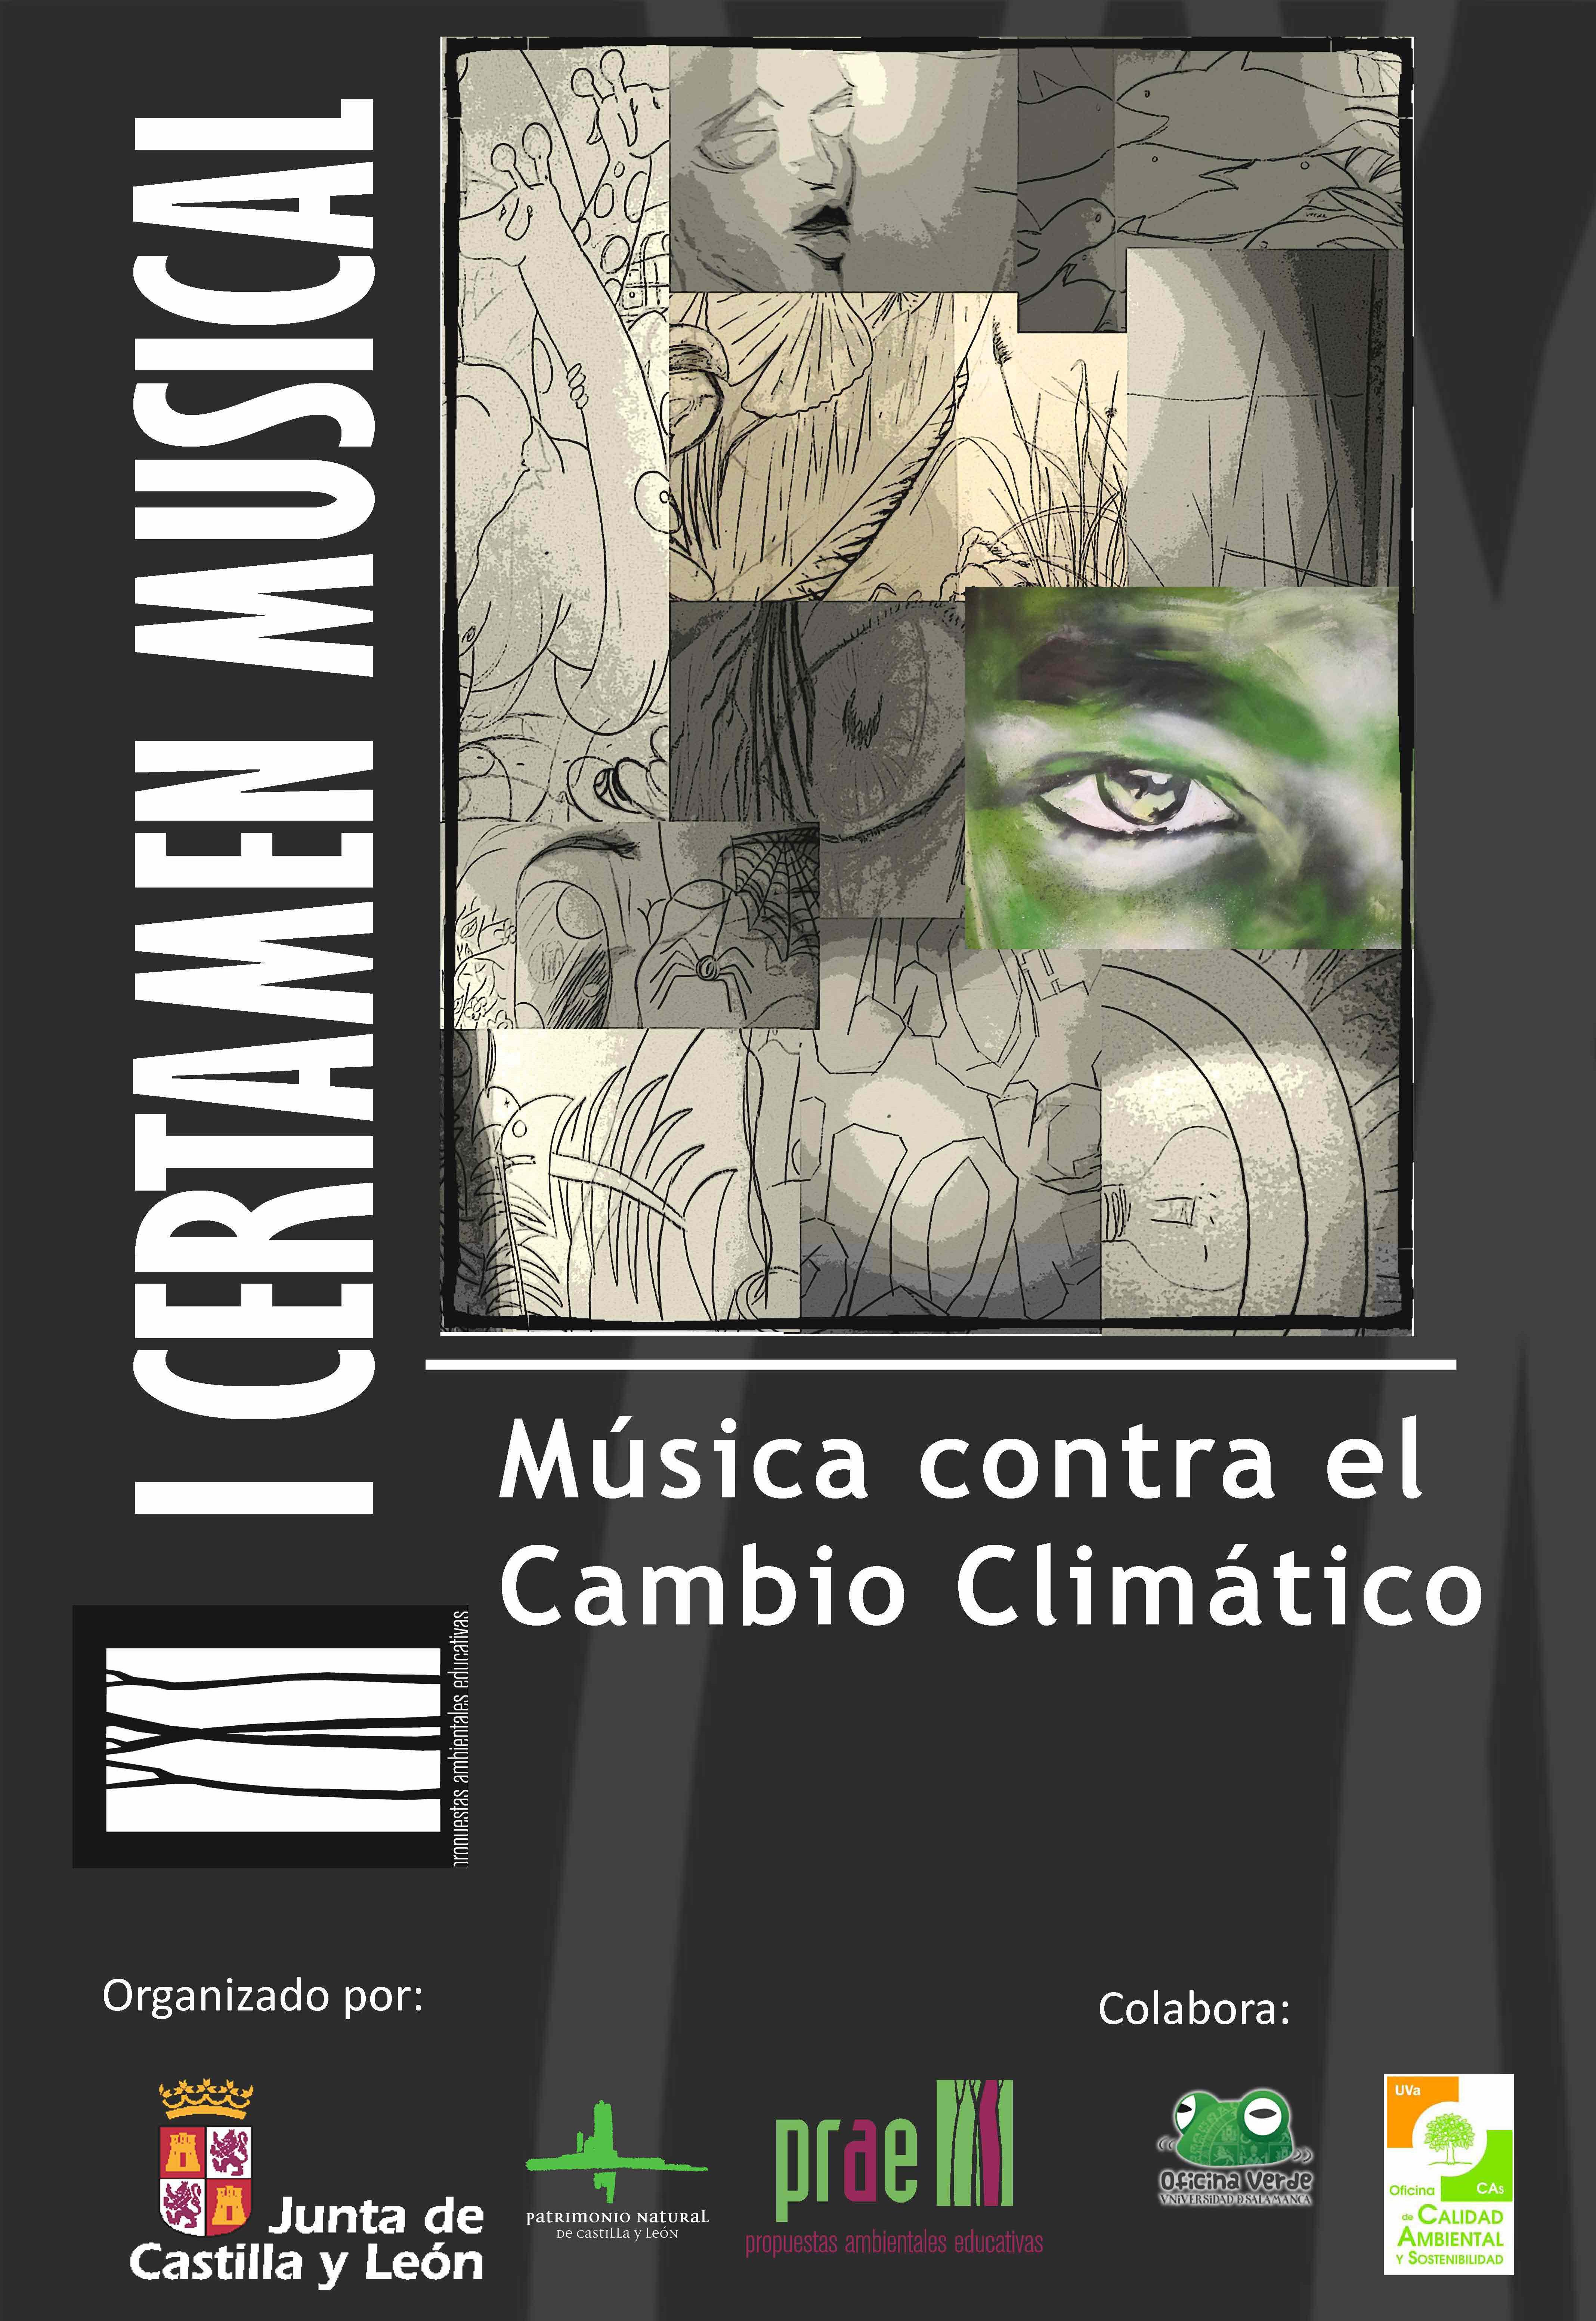 Cartel del primer certamen  de música en el PRAE contra el Cambio Climático